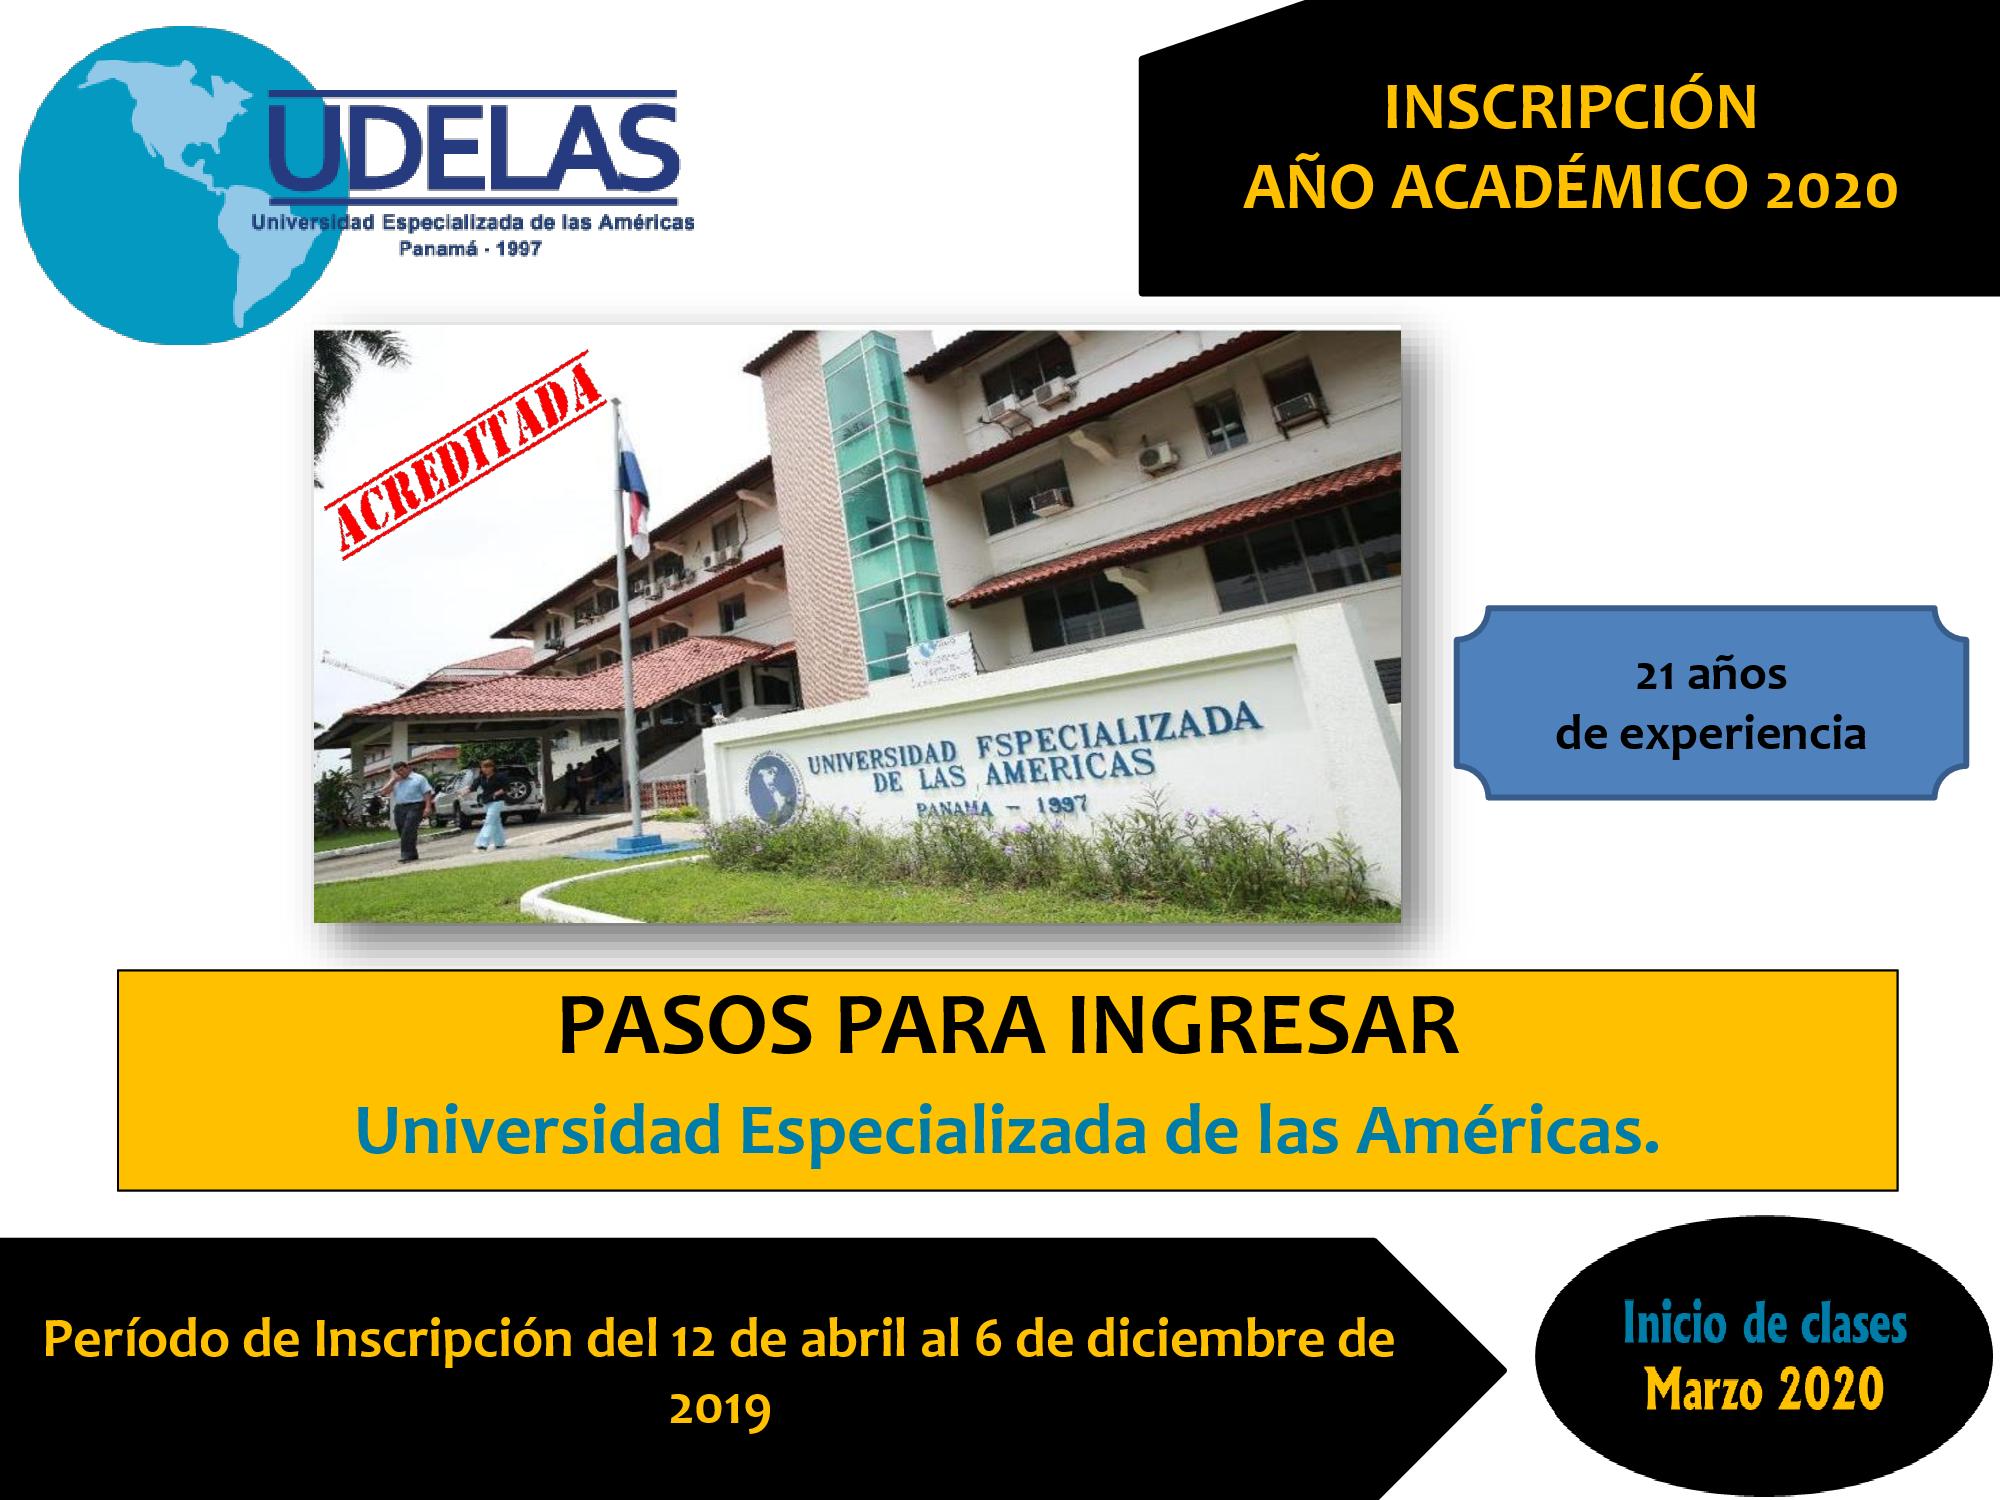 Calendario Escolar 2020 Panama Meduca.Admision 2020 Udelas